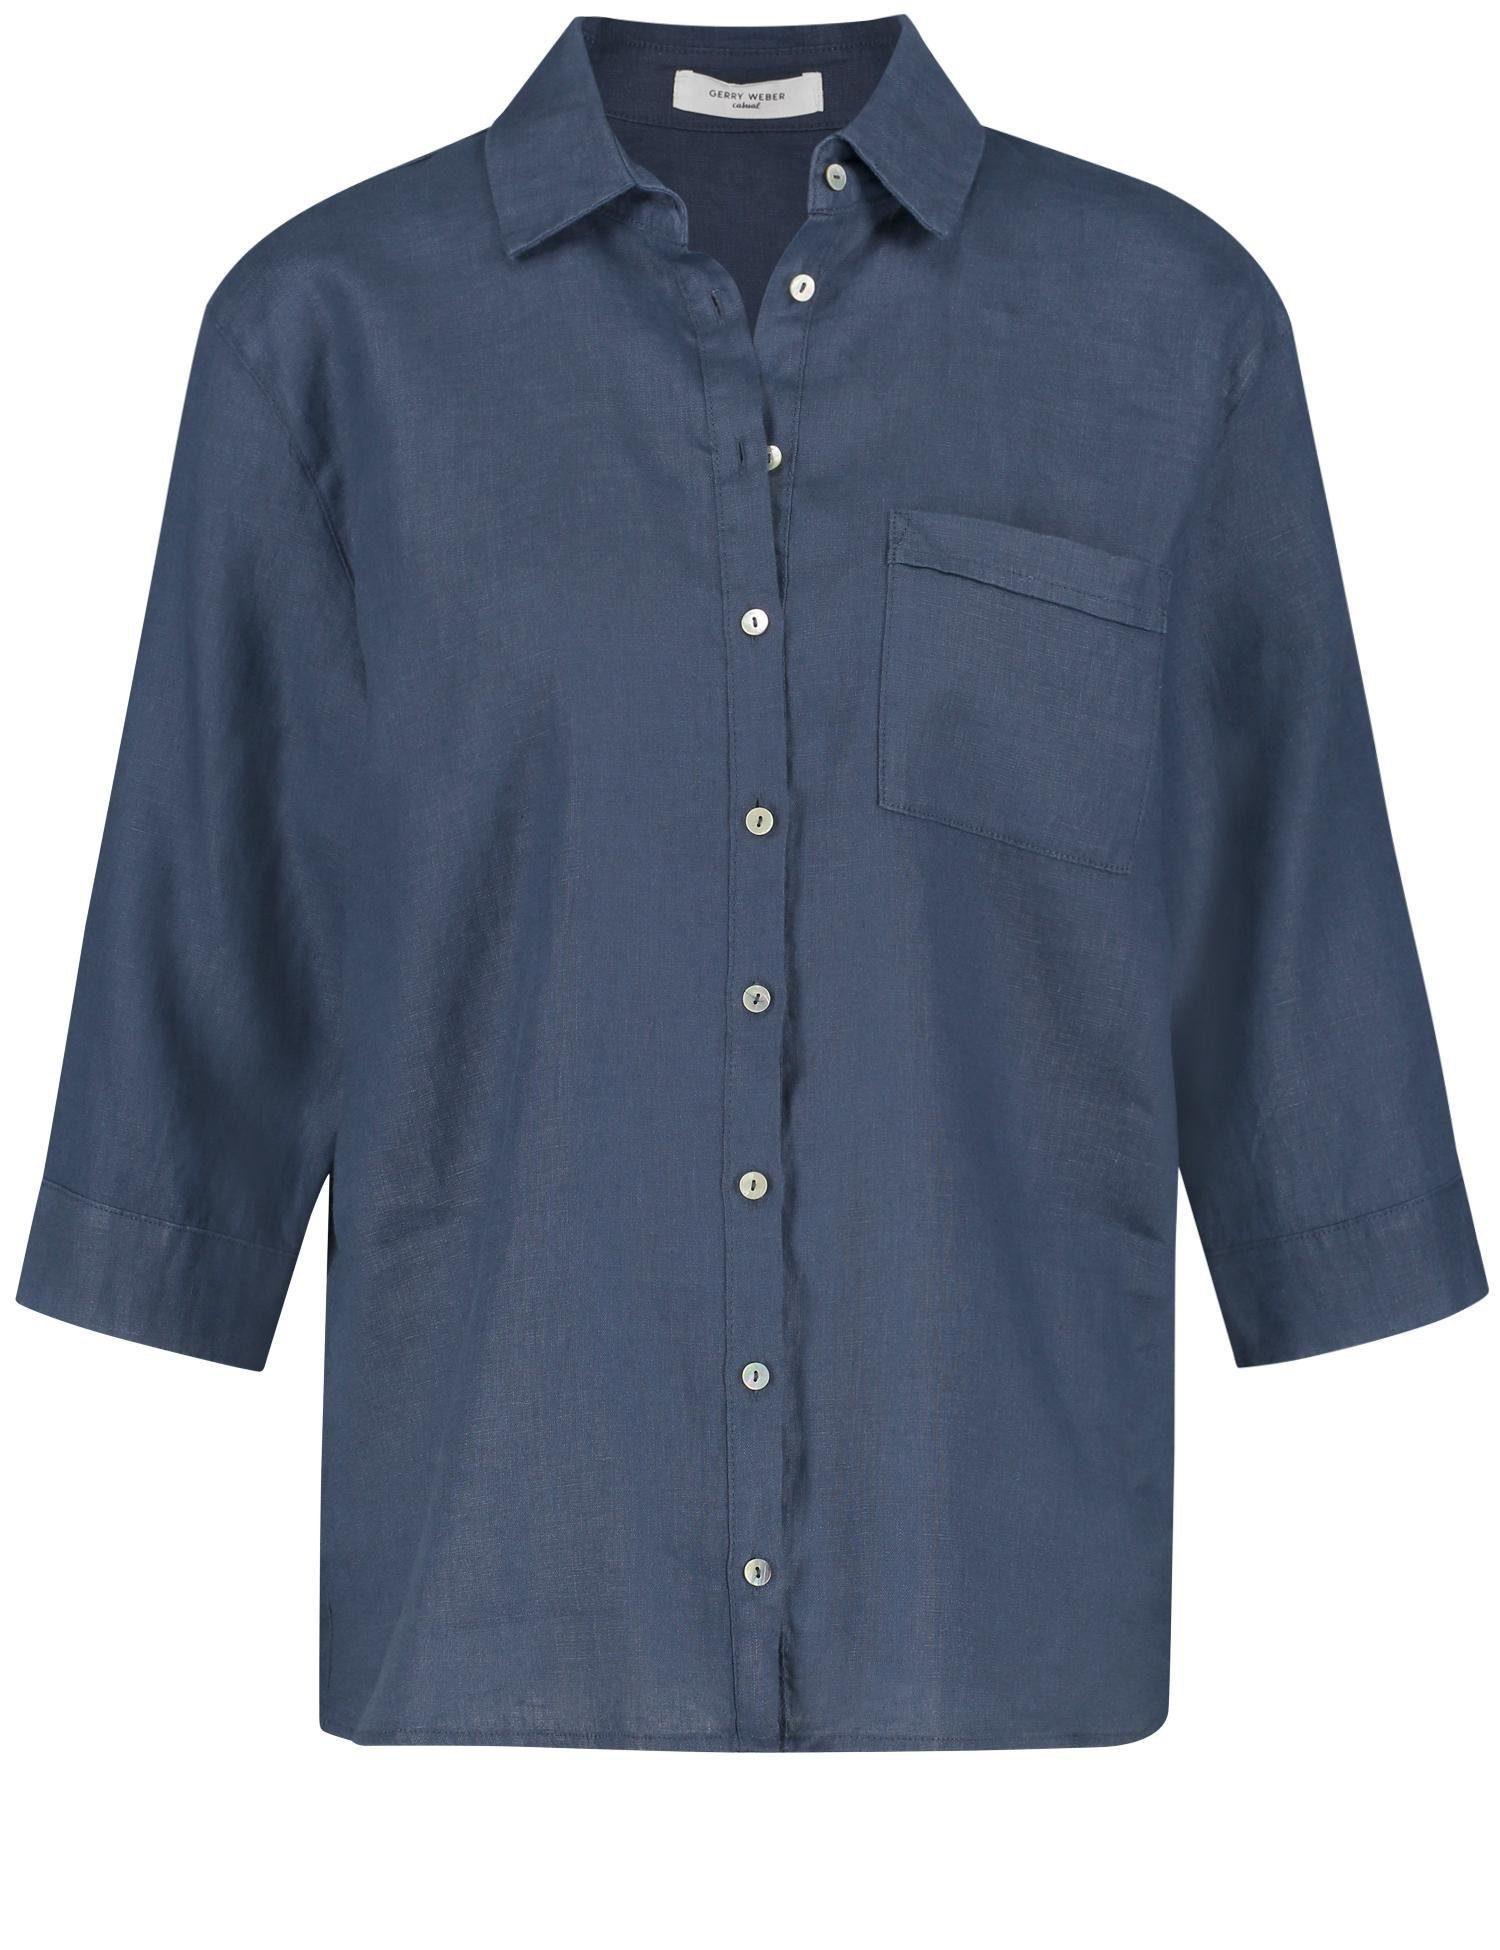 GERRY WEBER Bluse 1/1 Arm Bluse aus reinem Leinen